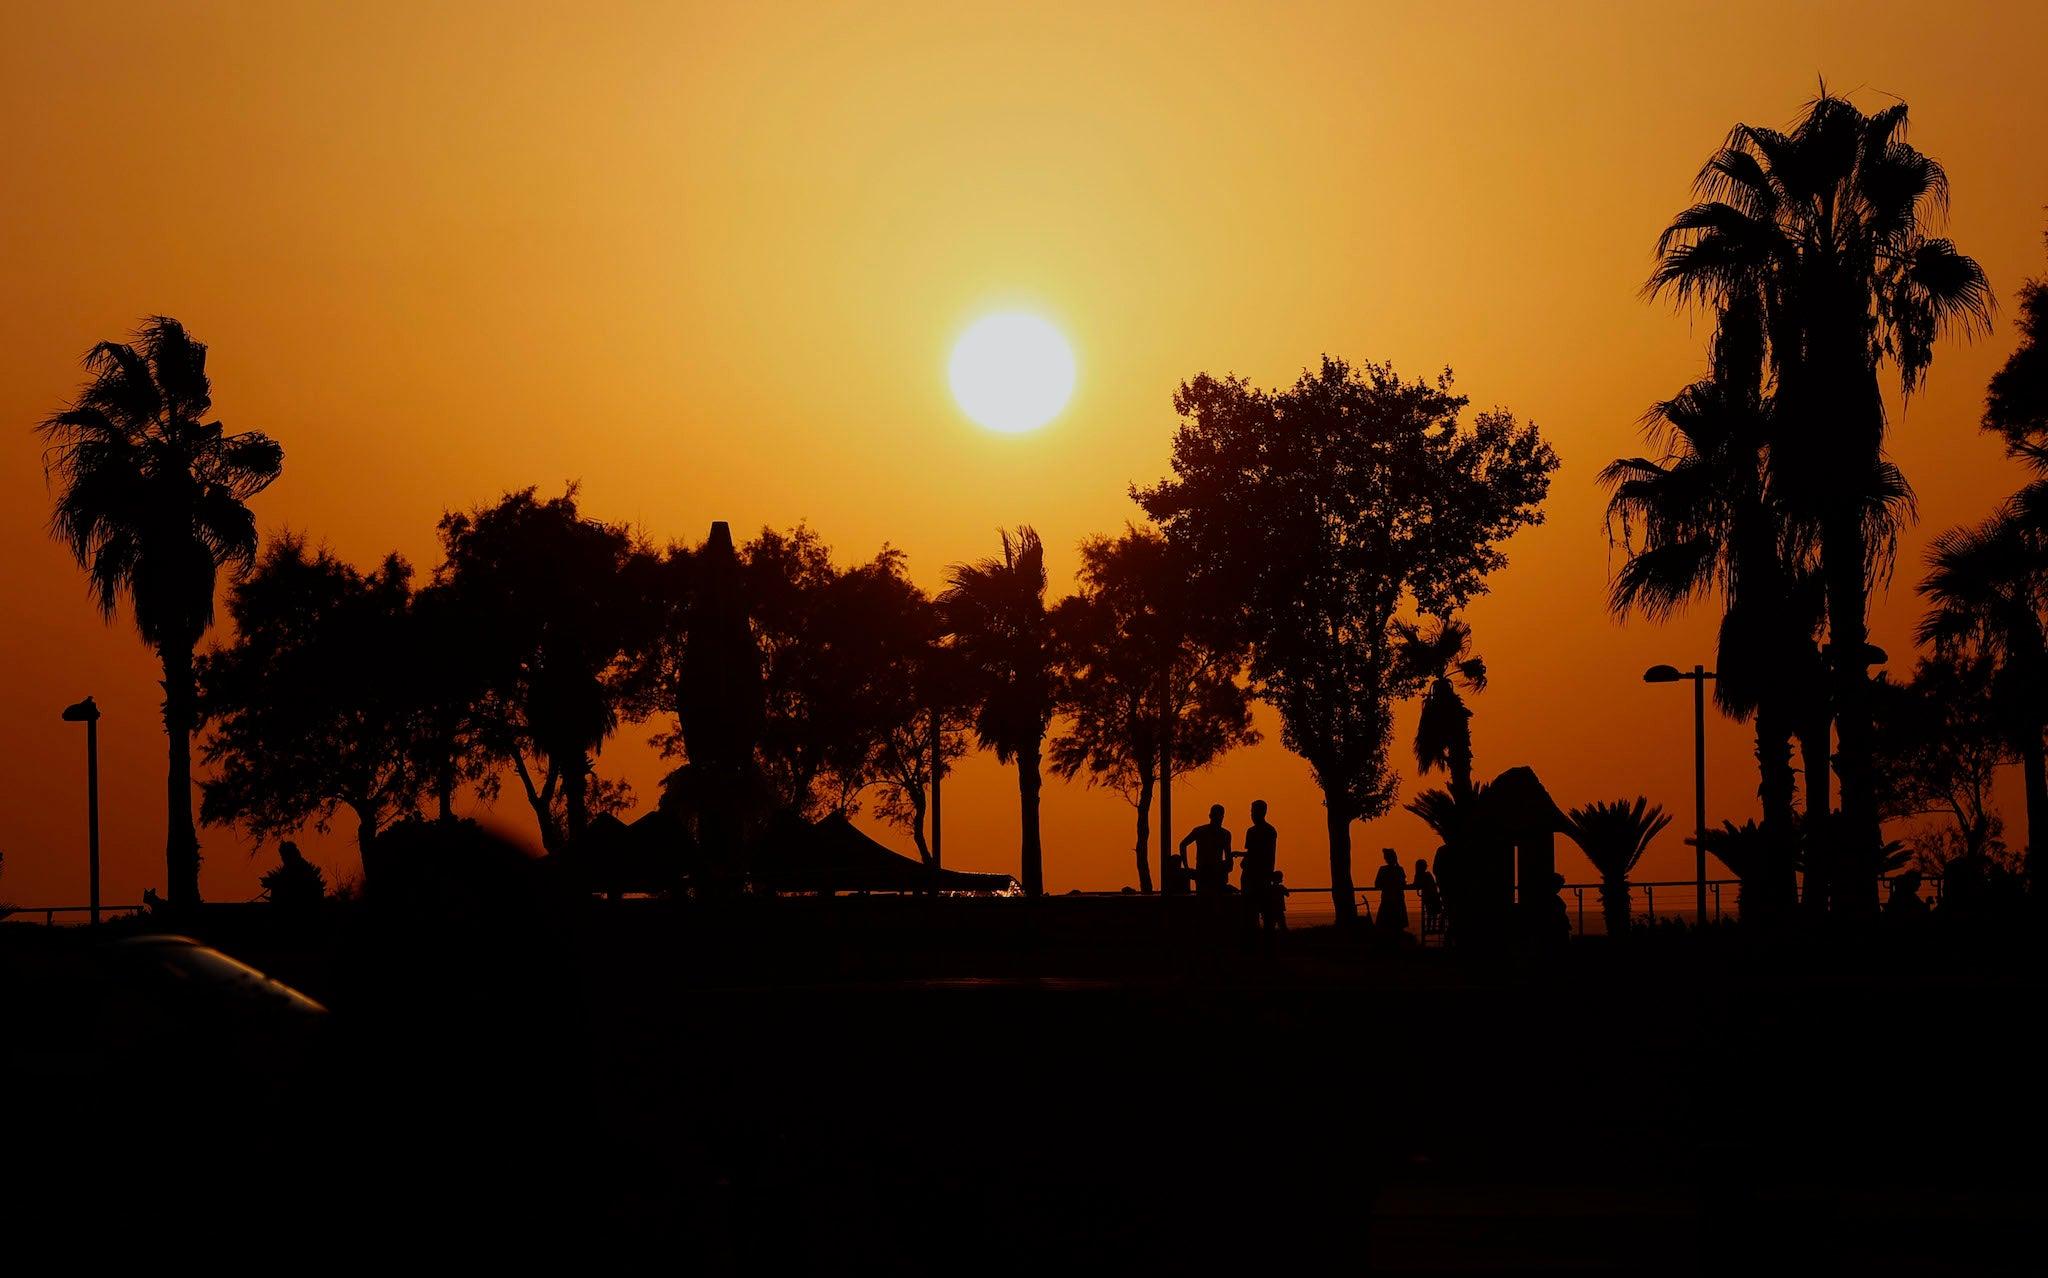 New 'solar cycle' has begun, Nasa says